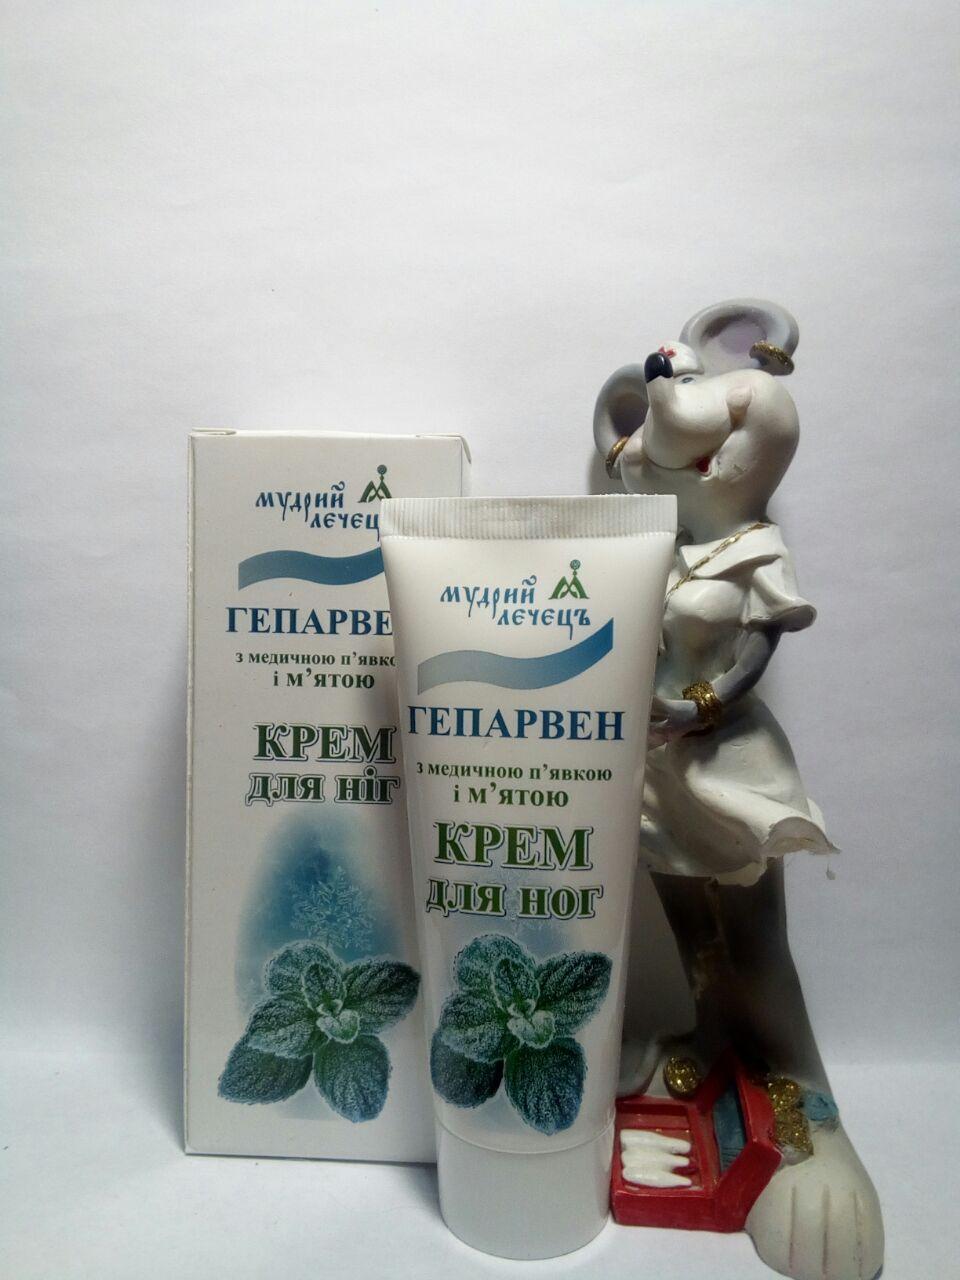 крем для ног Гепарвен с мед.пиявкой и мятой для устранения отеков и болевых ощущений при заболеваниях сосудов